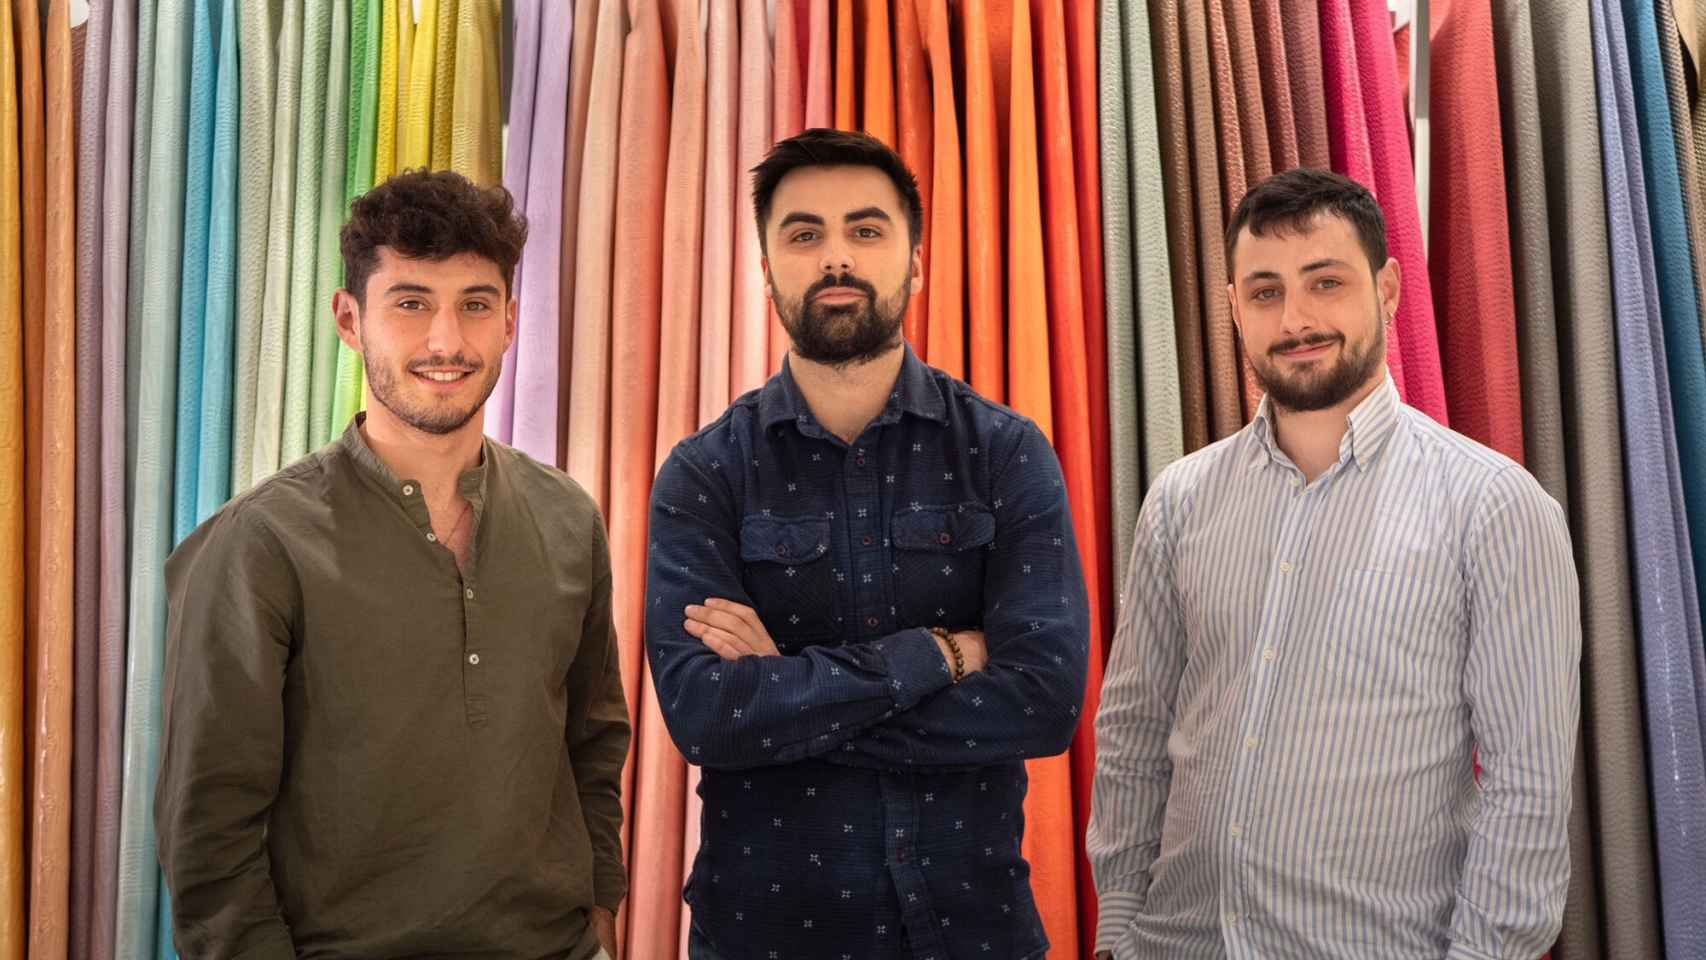 De izquierda a derecha, los tres jóvenes cofundadores de Texlenet, Pablo Pérez, Jorge San Martín y Giulio Romagnolo.